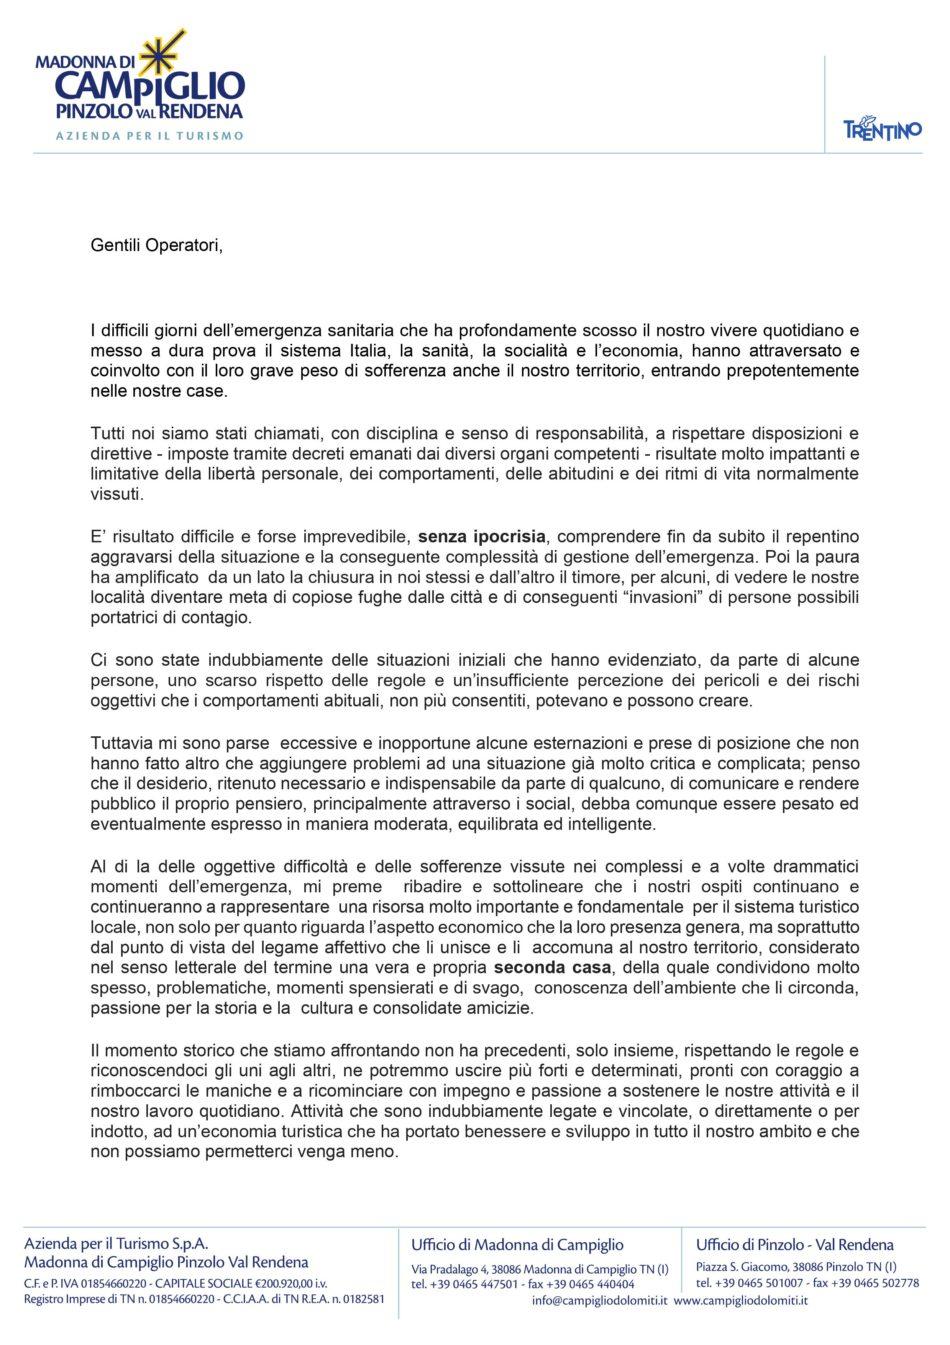 Comunicazione del Presidente dell'APT Madonna di Campiglio Pinzolo Val Rendena